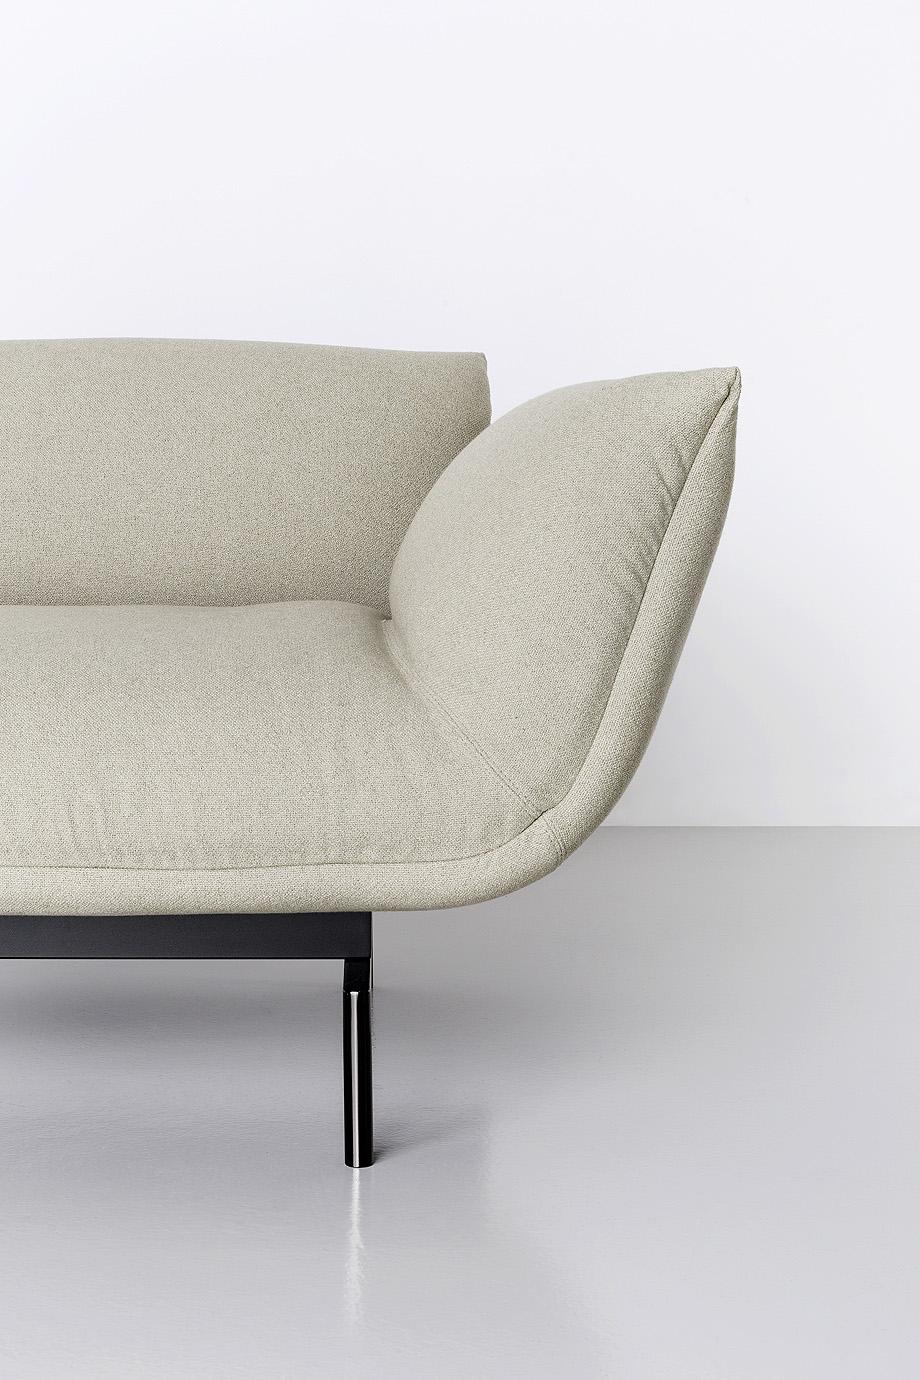 sofa tenso de luca nichetto y kristalia (3)